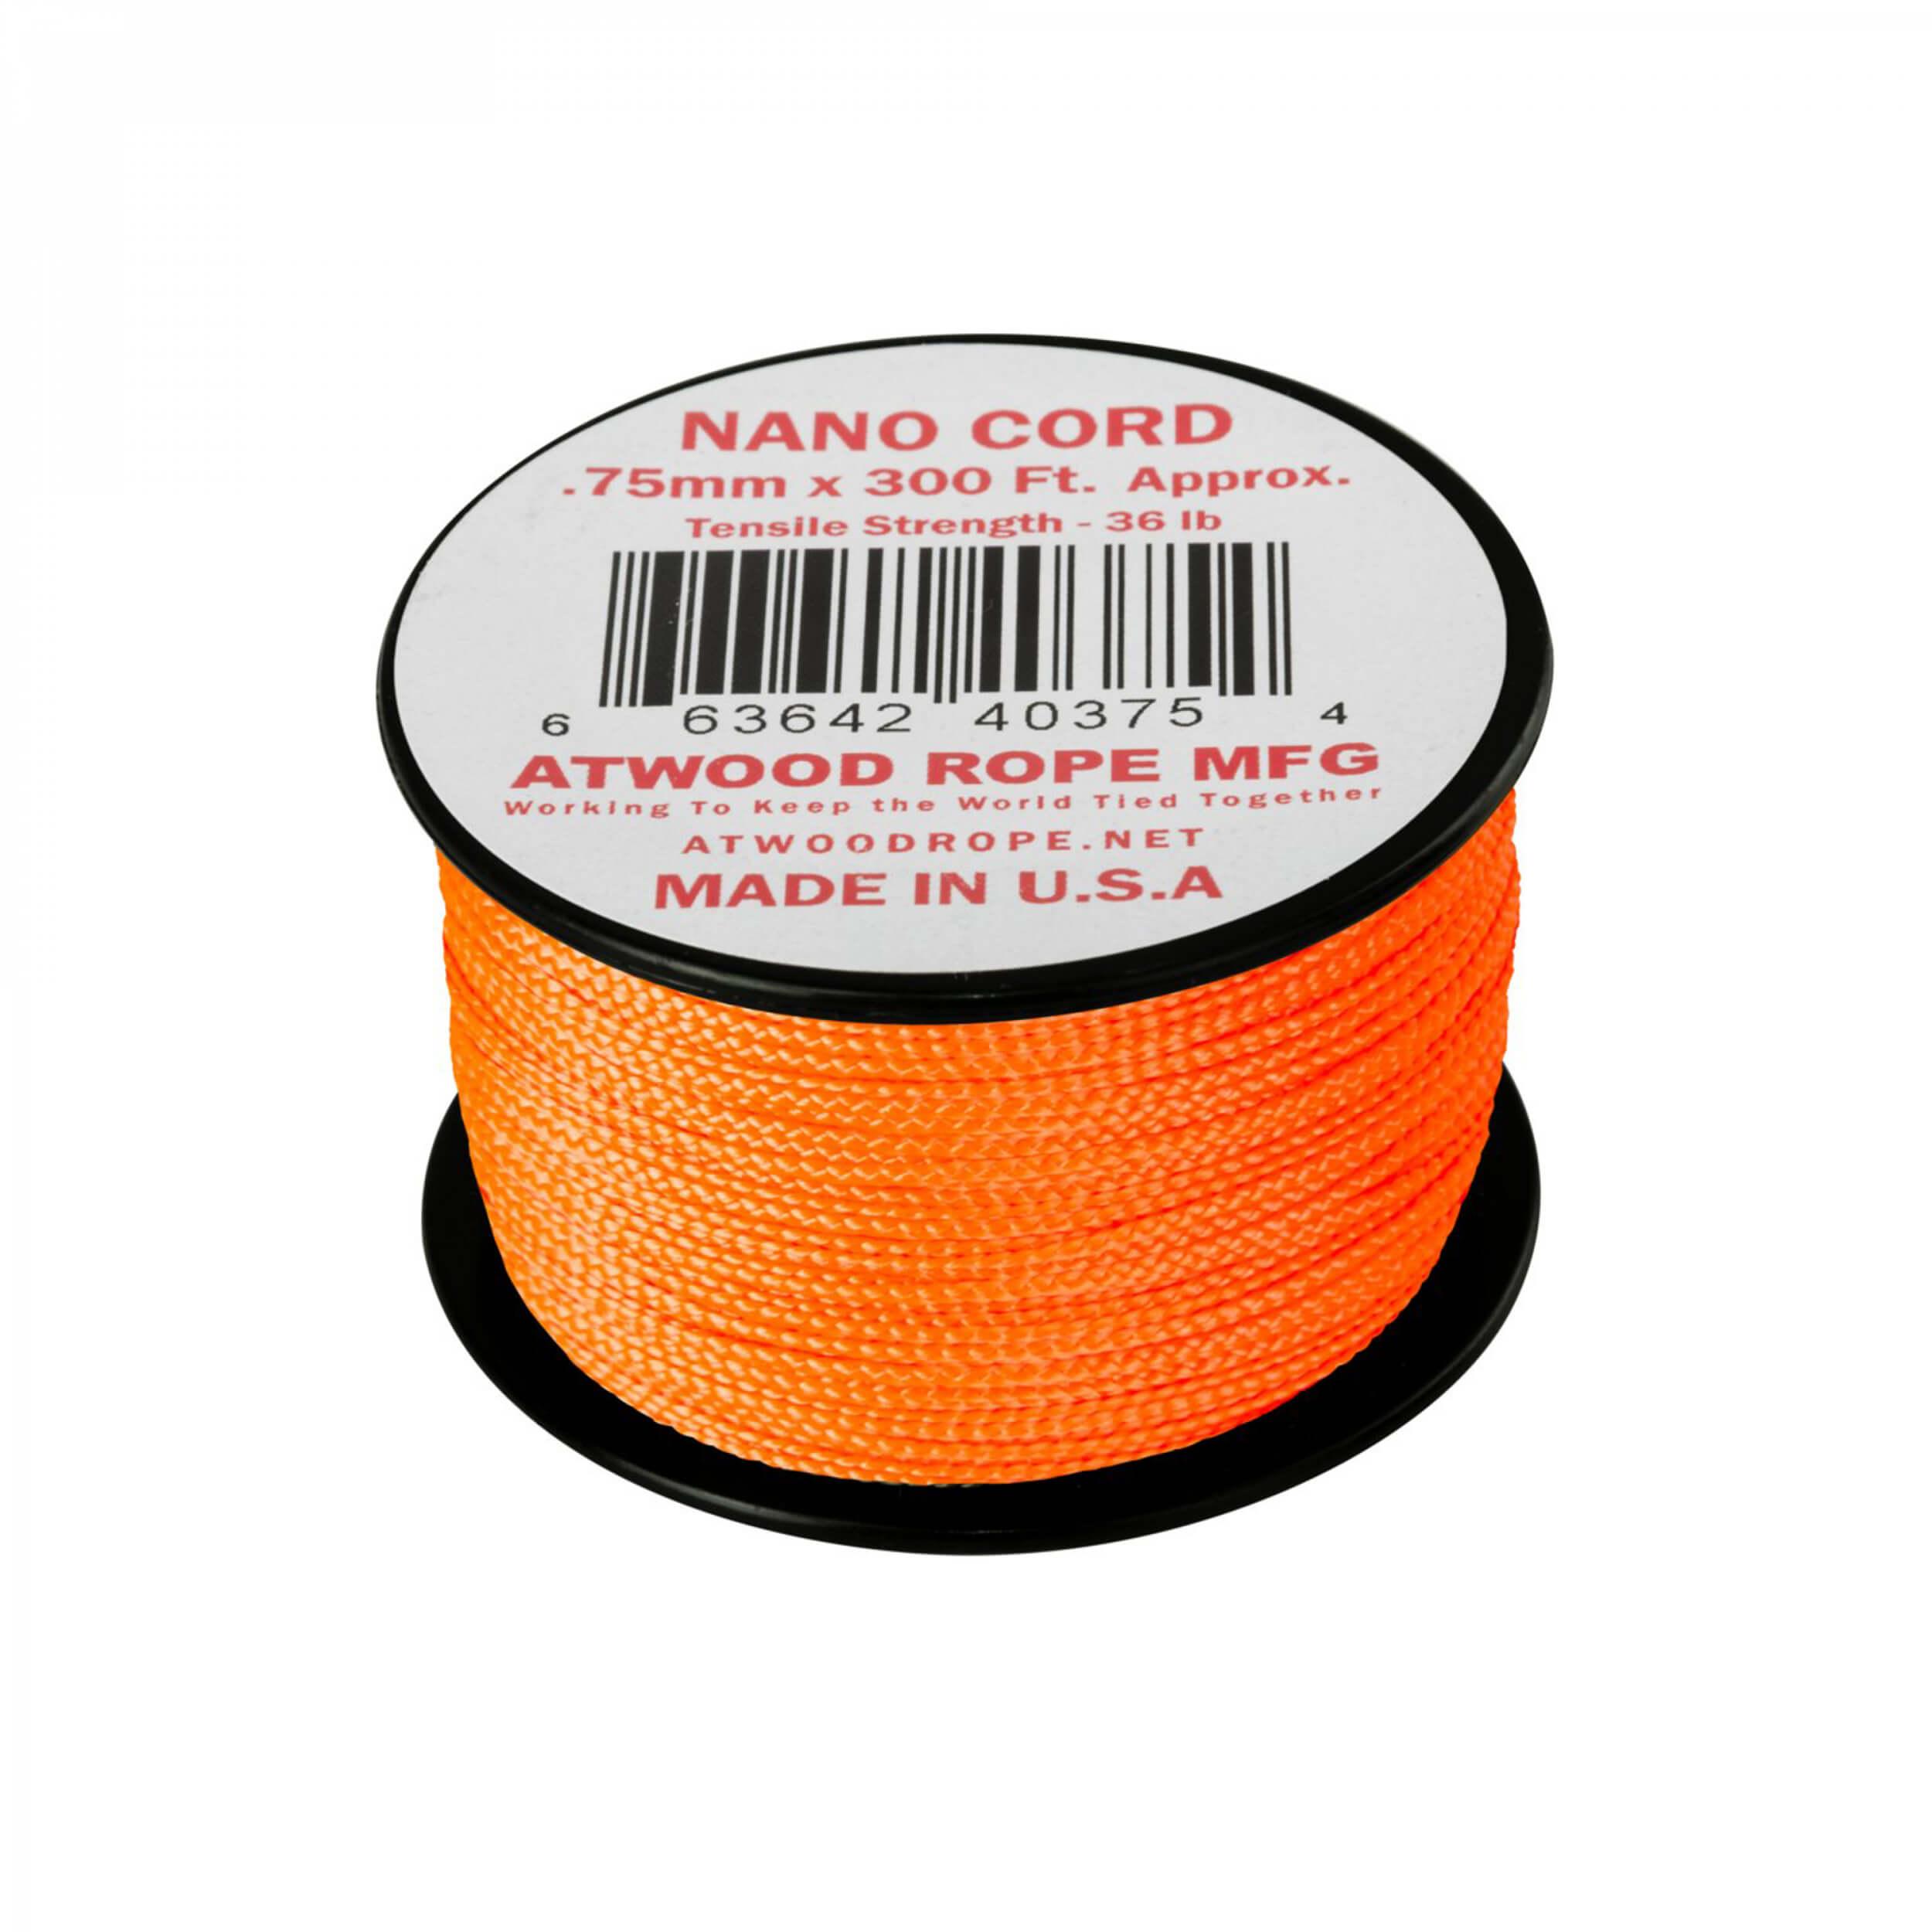 Helikon-Tex Nano Cord (300FT) neon orange